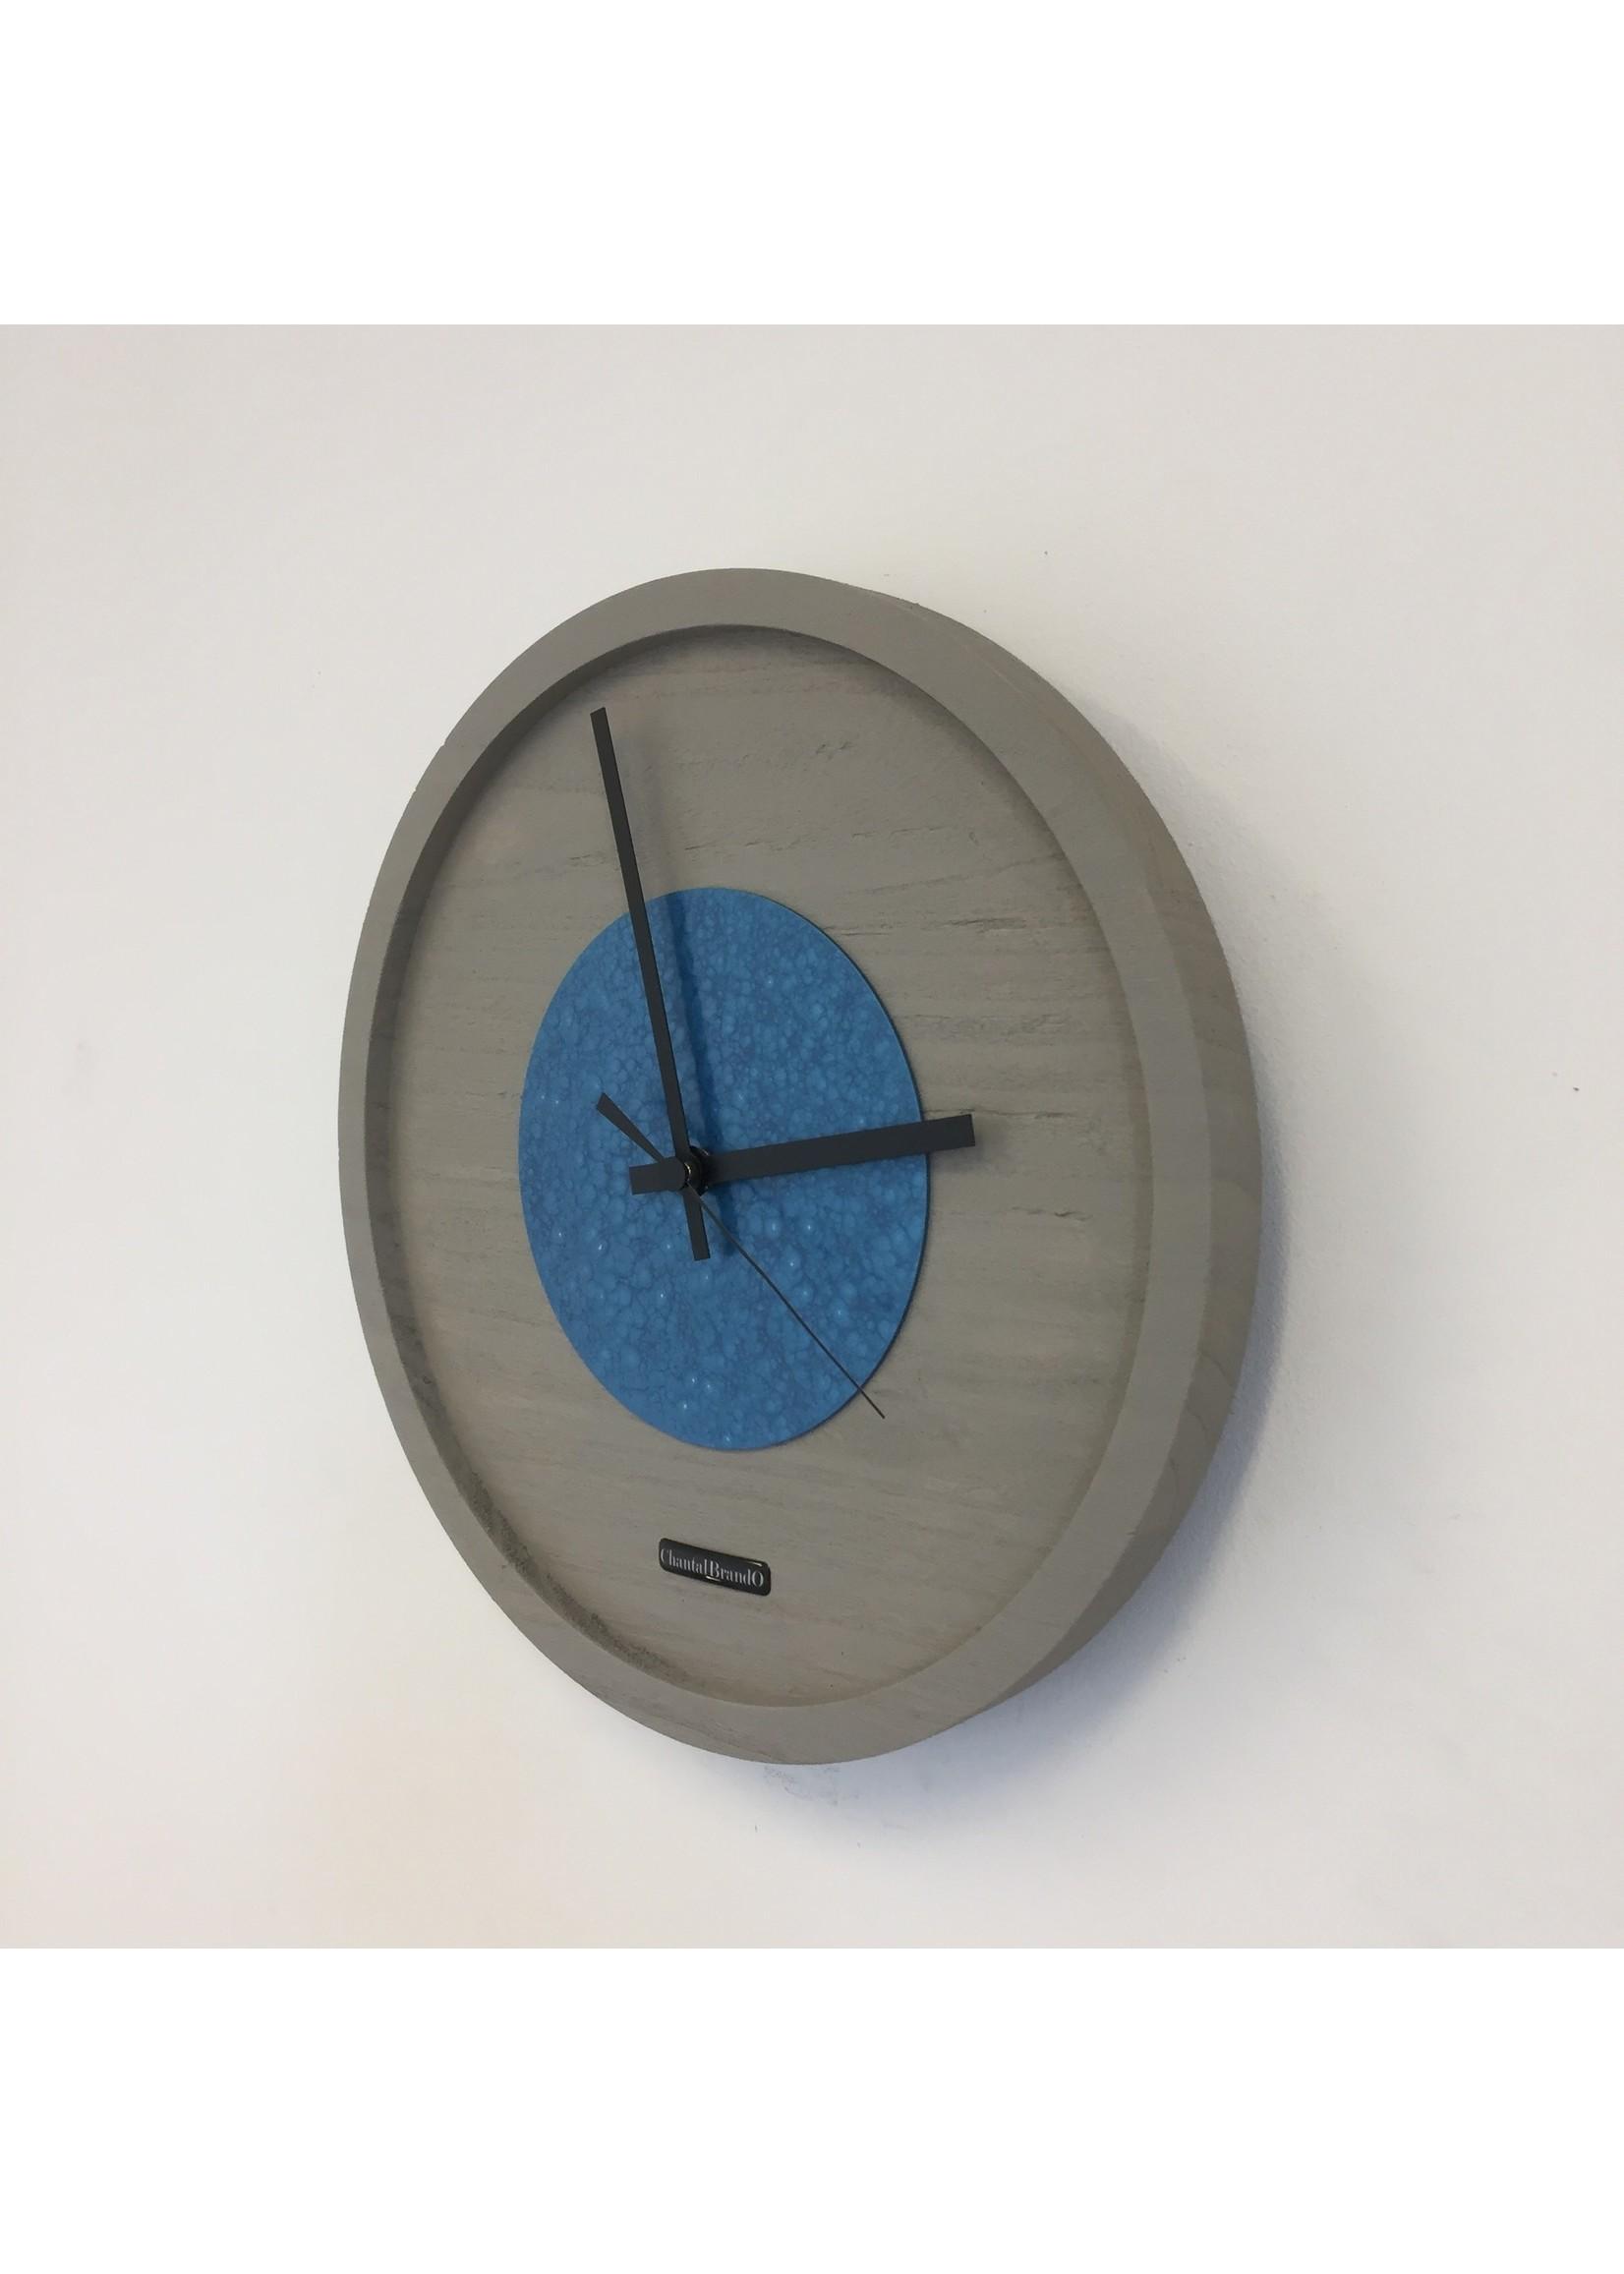 Klokkendiscounter Wandklok Quinten Blue Hammer Modern Design